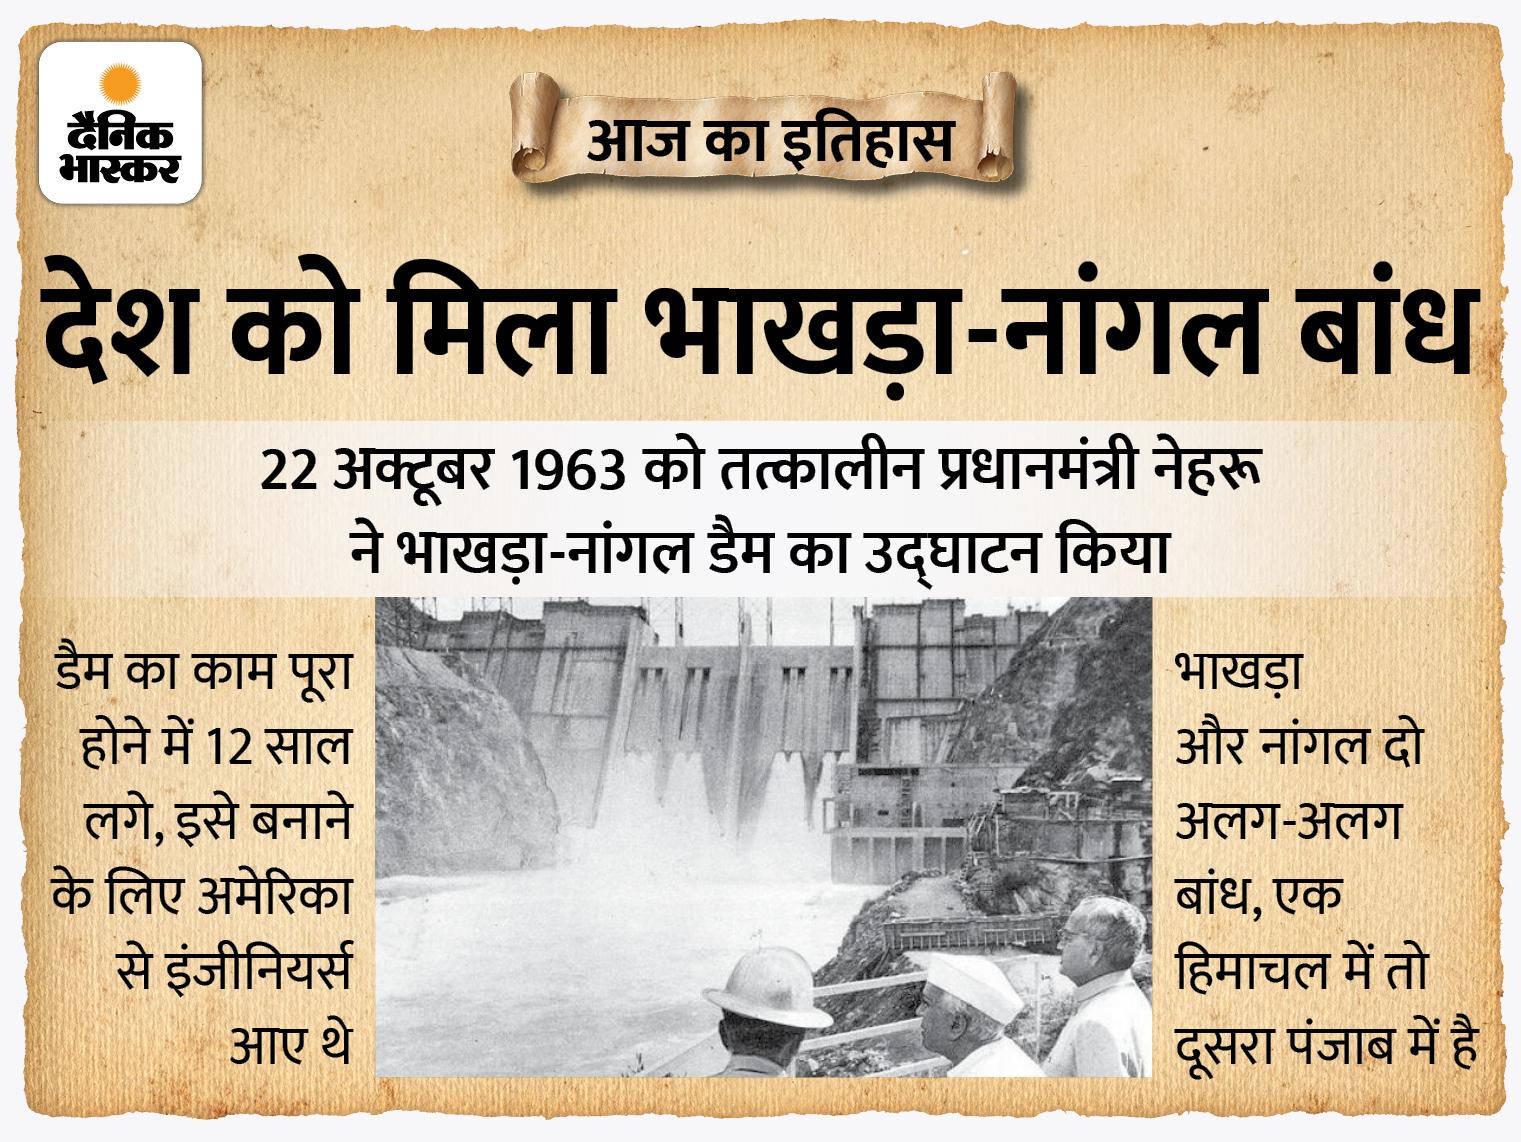 58 साल पहले देश को मिला भाखड़ा-नांगल, ये भारत के साथ ही एशिया का भी दूसरा सबसे ऊंचा बांध|देश,National - Dainik Bhaskar